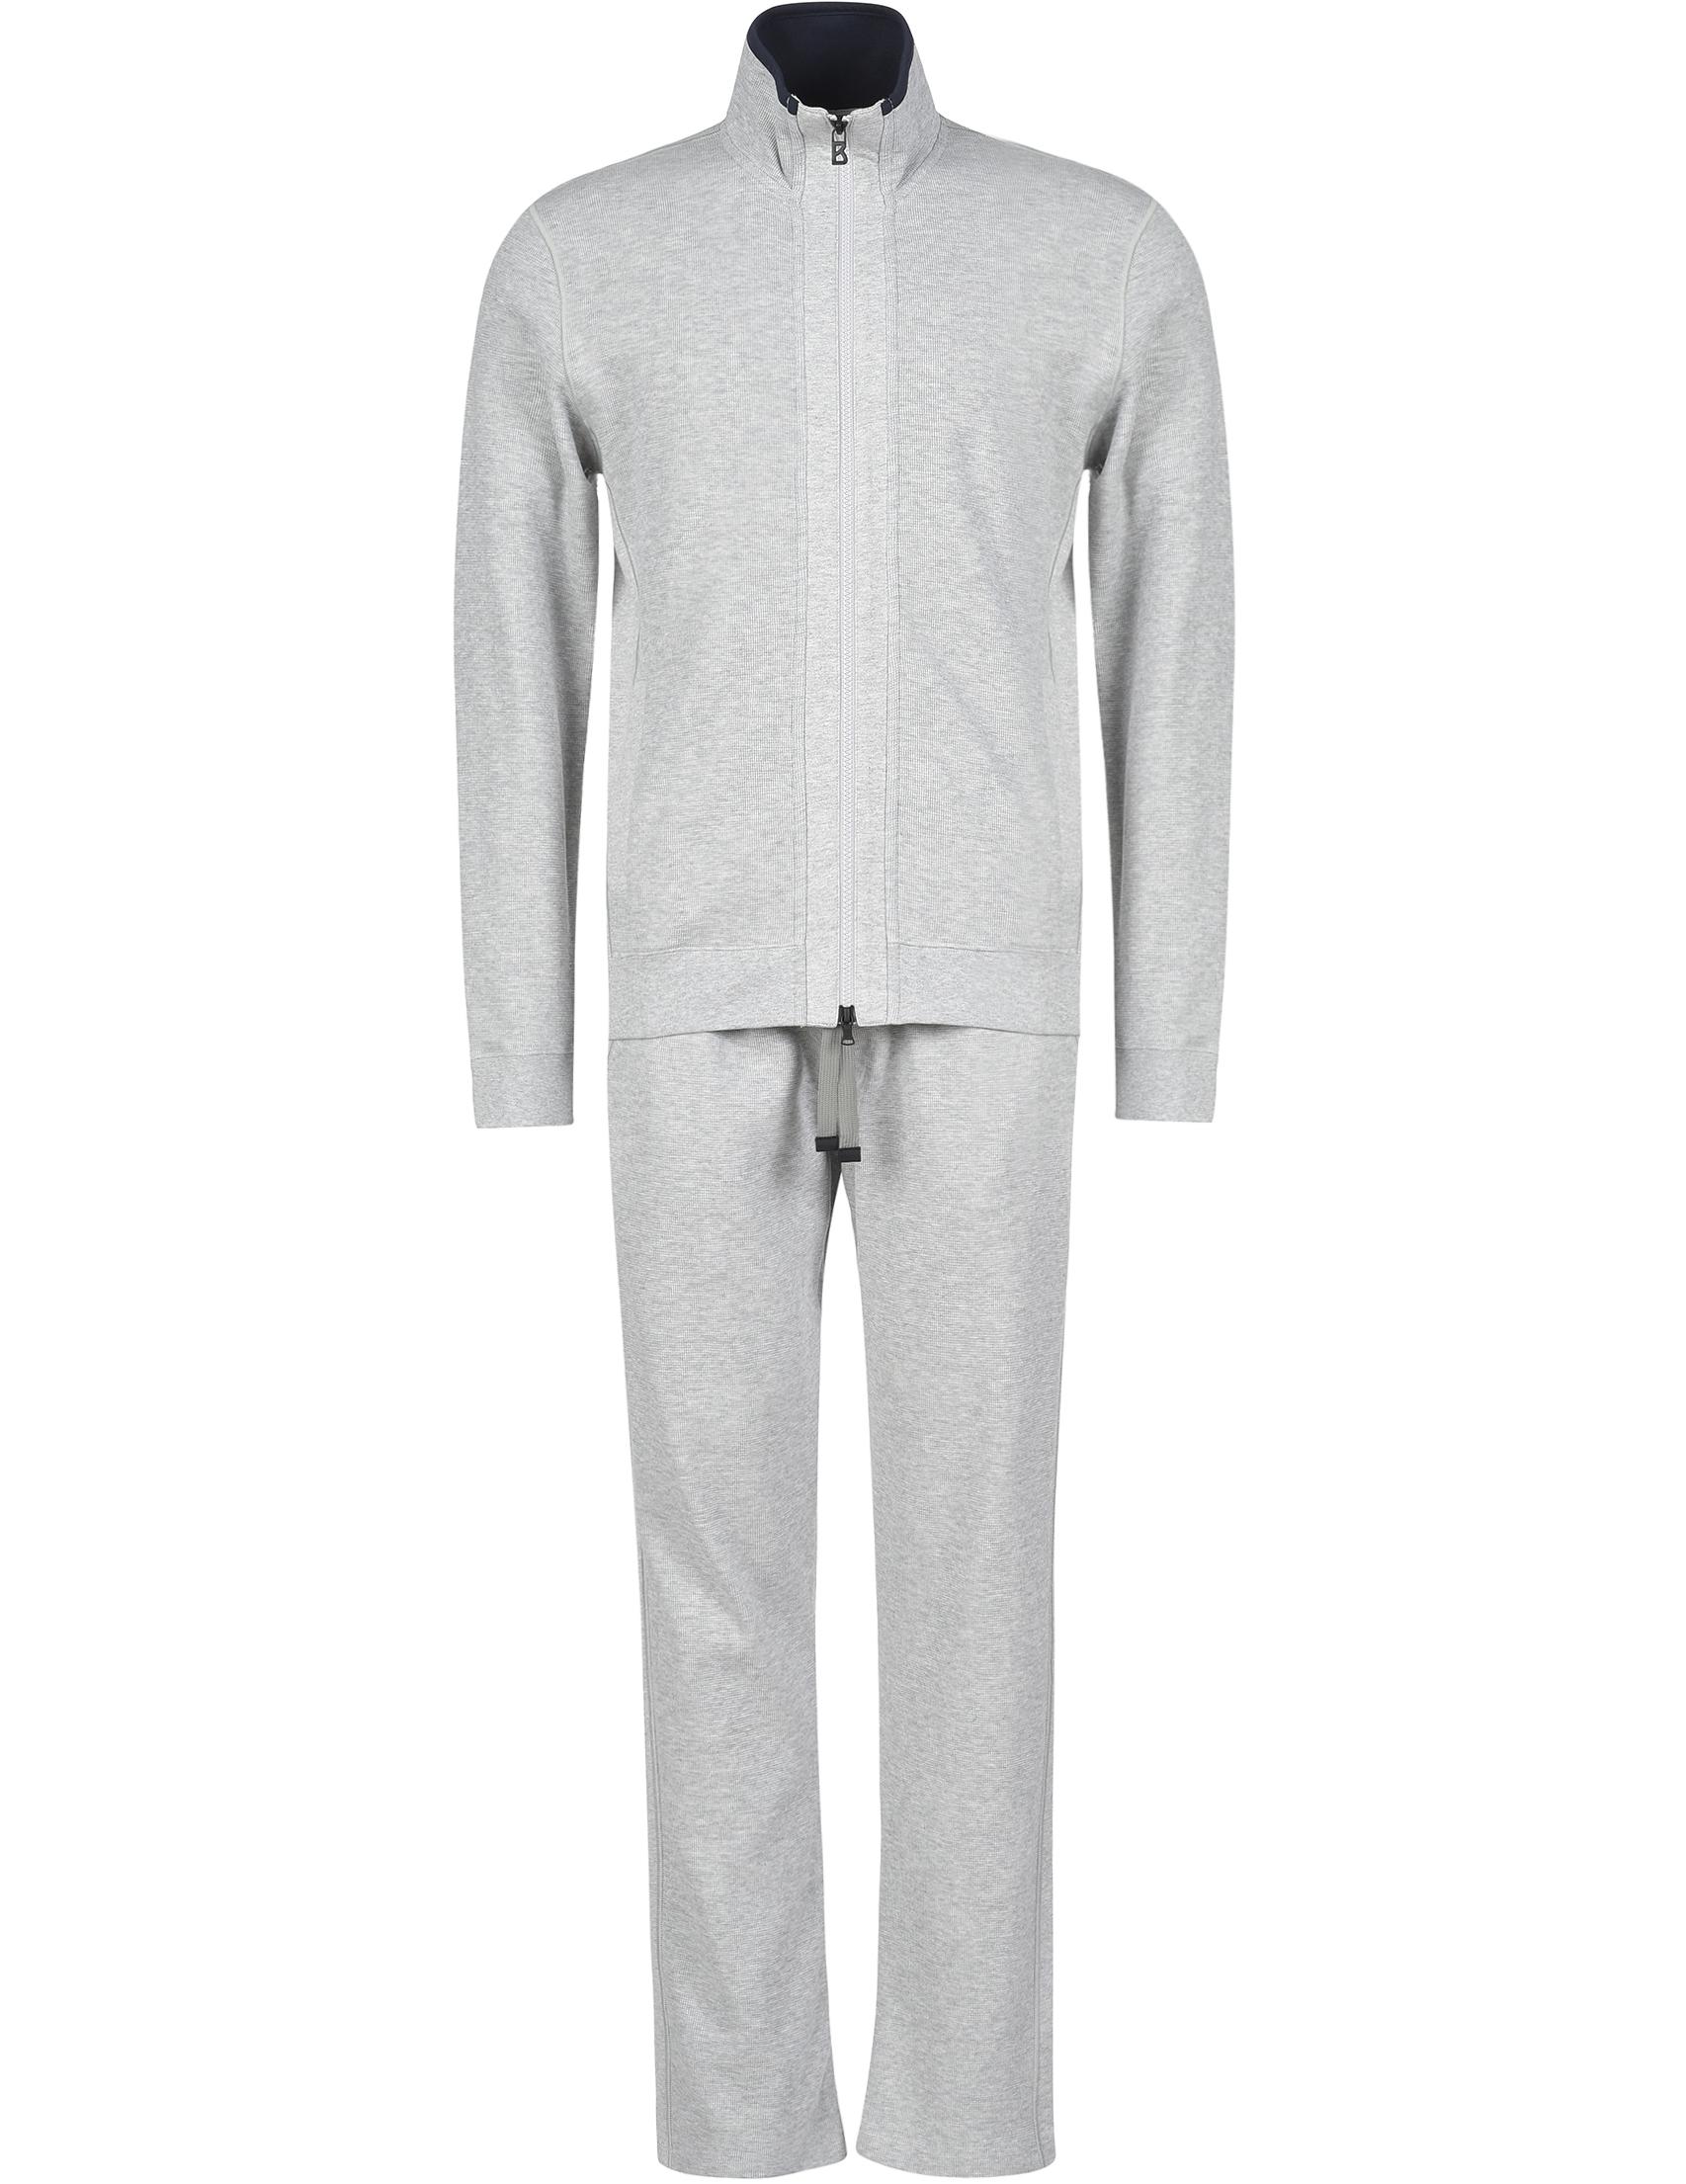 Купить Спортивный костюм, BOGNER, Серый, 100%Хлопок;52%Полиэстер 48%Хлопок, Весна-Лето